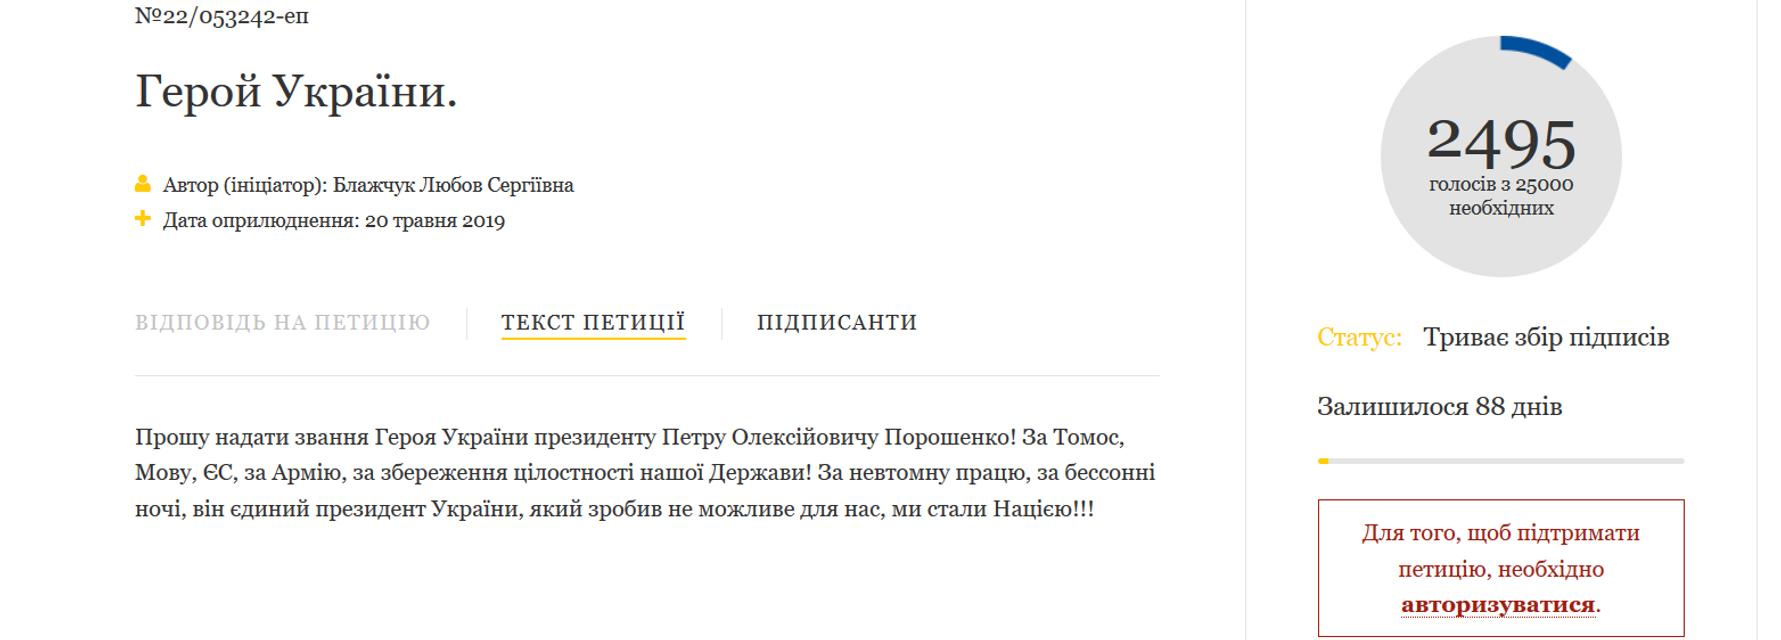 Порошенко - Героя Украины: к Зеленскому обратились с просьбой - фото 181602